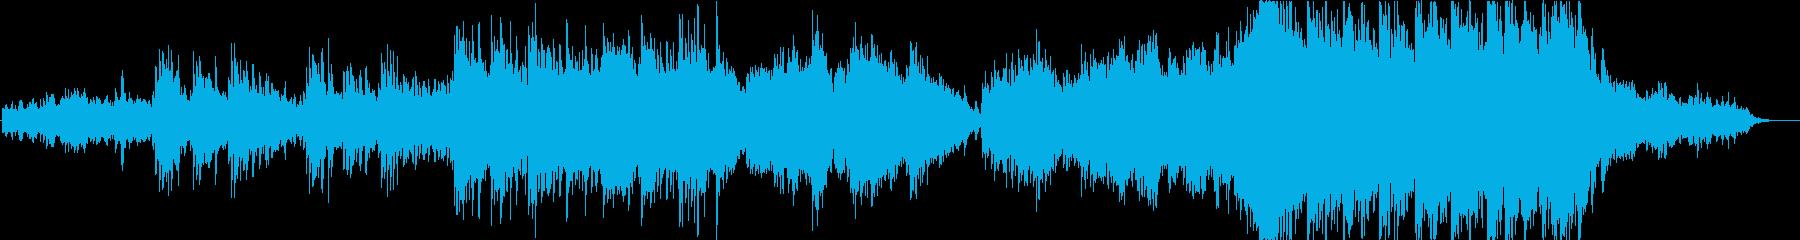 キラキラ感あるゆったりした3拍子の再生済みの波形